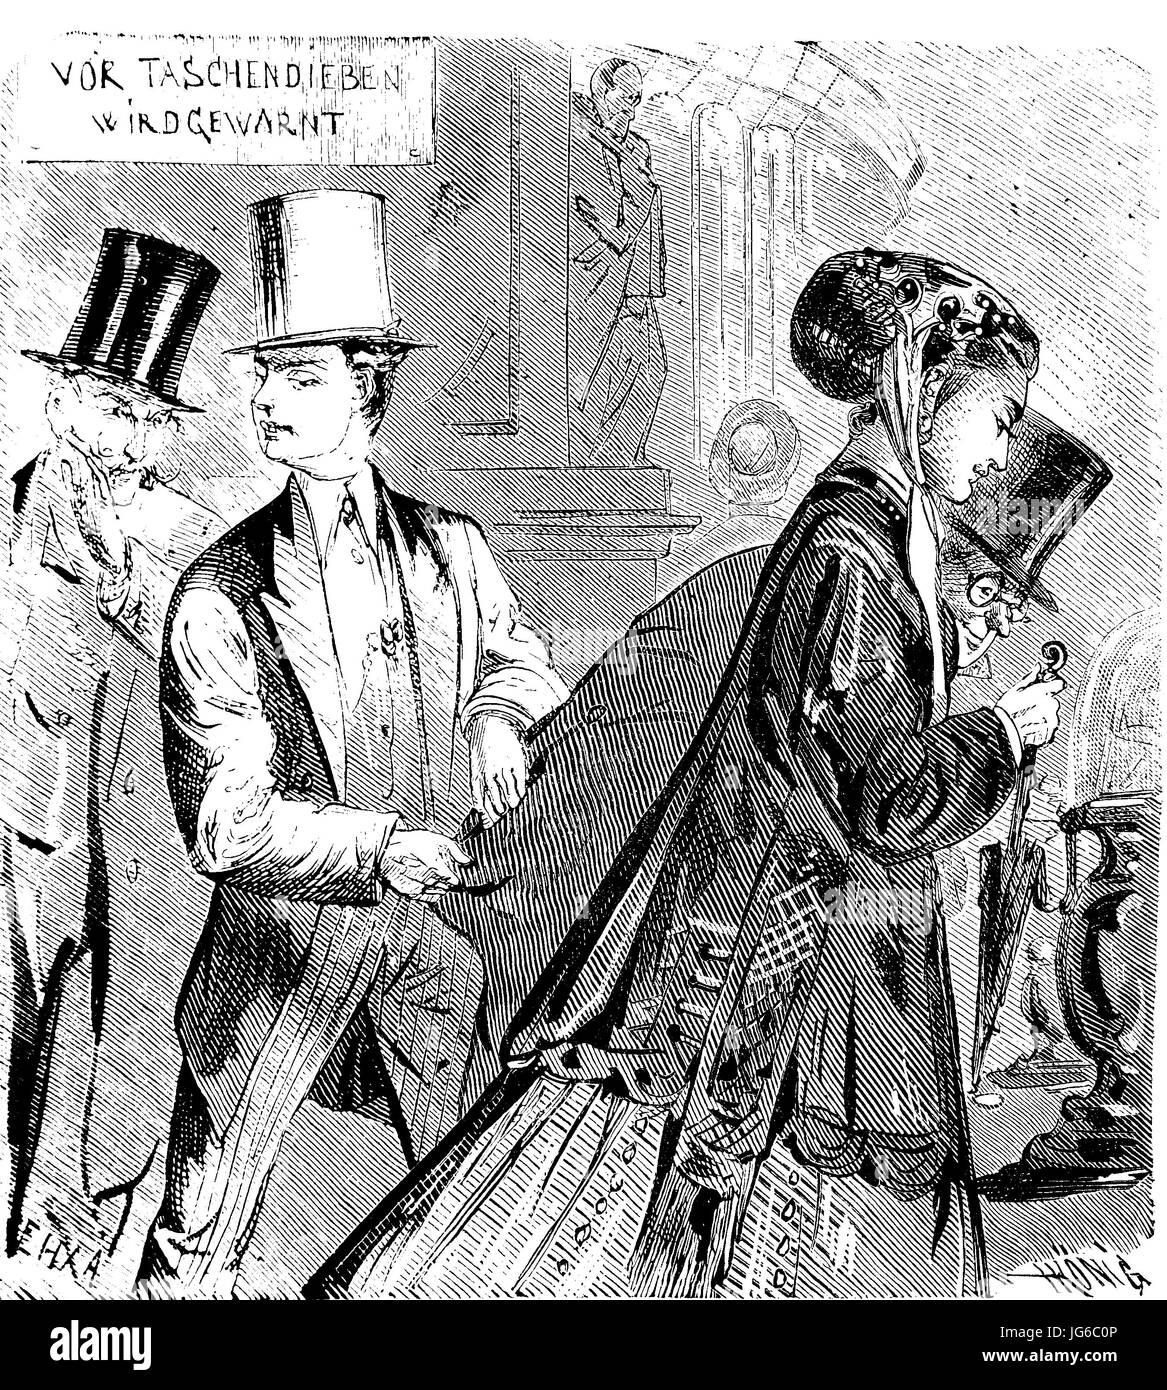 Amélioré: numérique, la tire, le vol, le vol d'argent, illustration du 19ème siècle Photo Stock